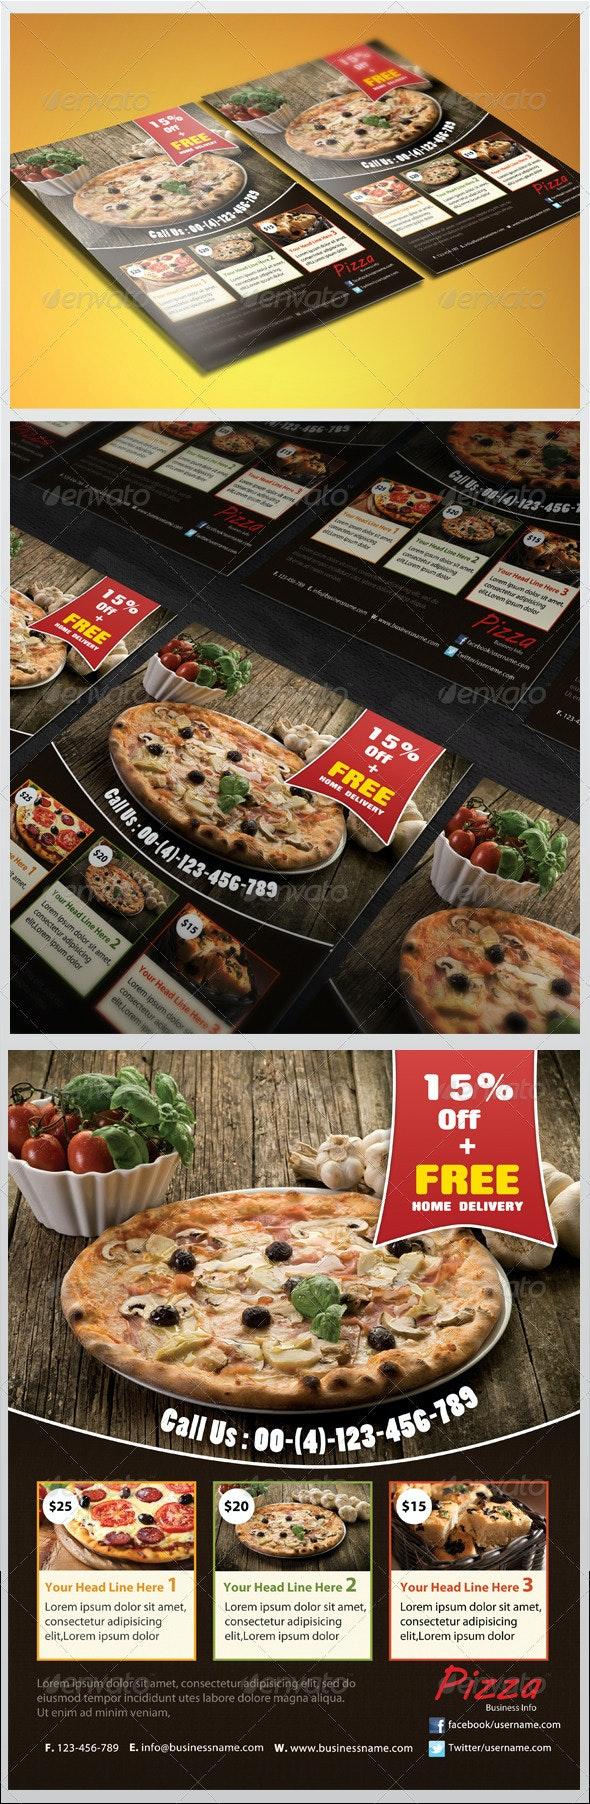 Pizza Flyer - Restaurant Flyers